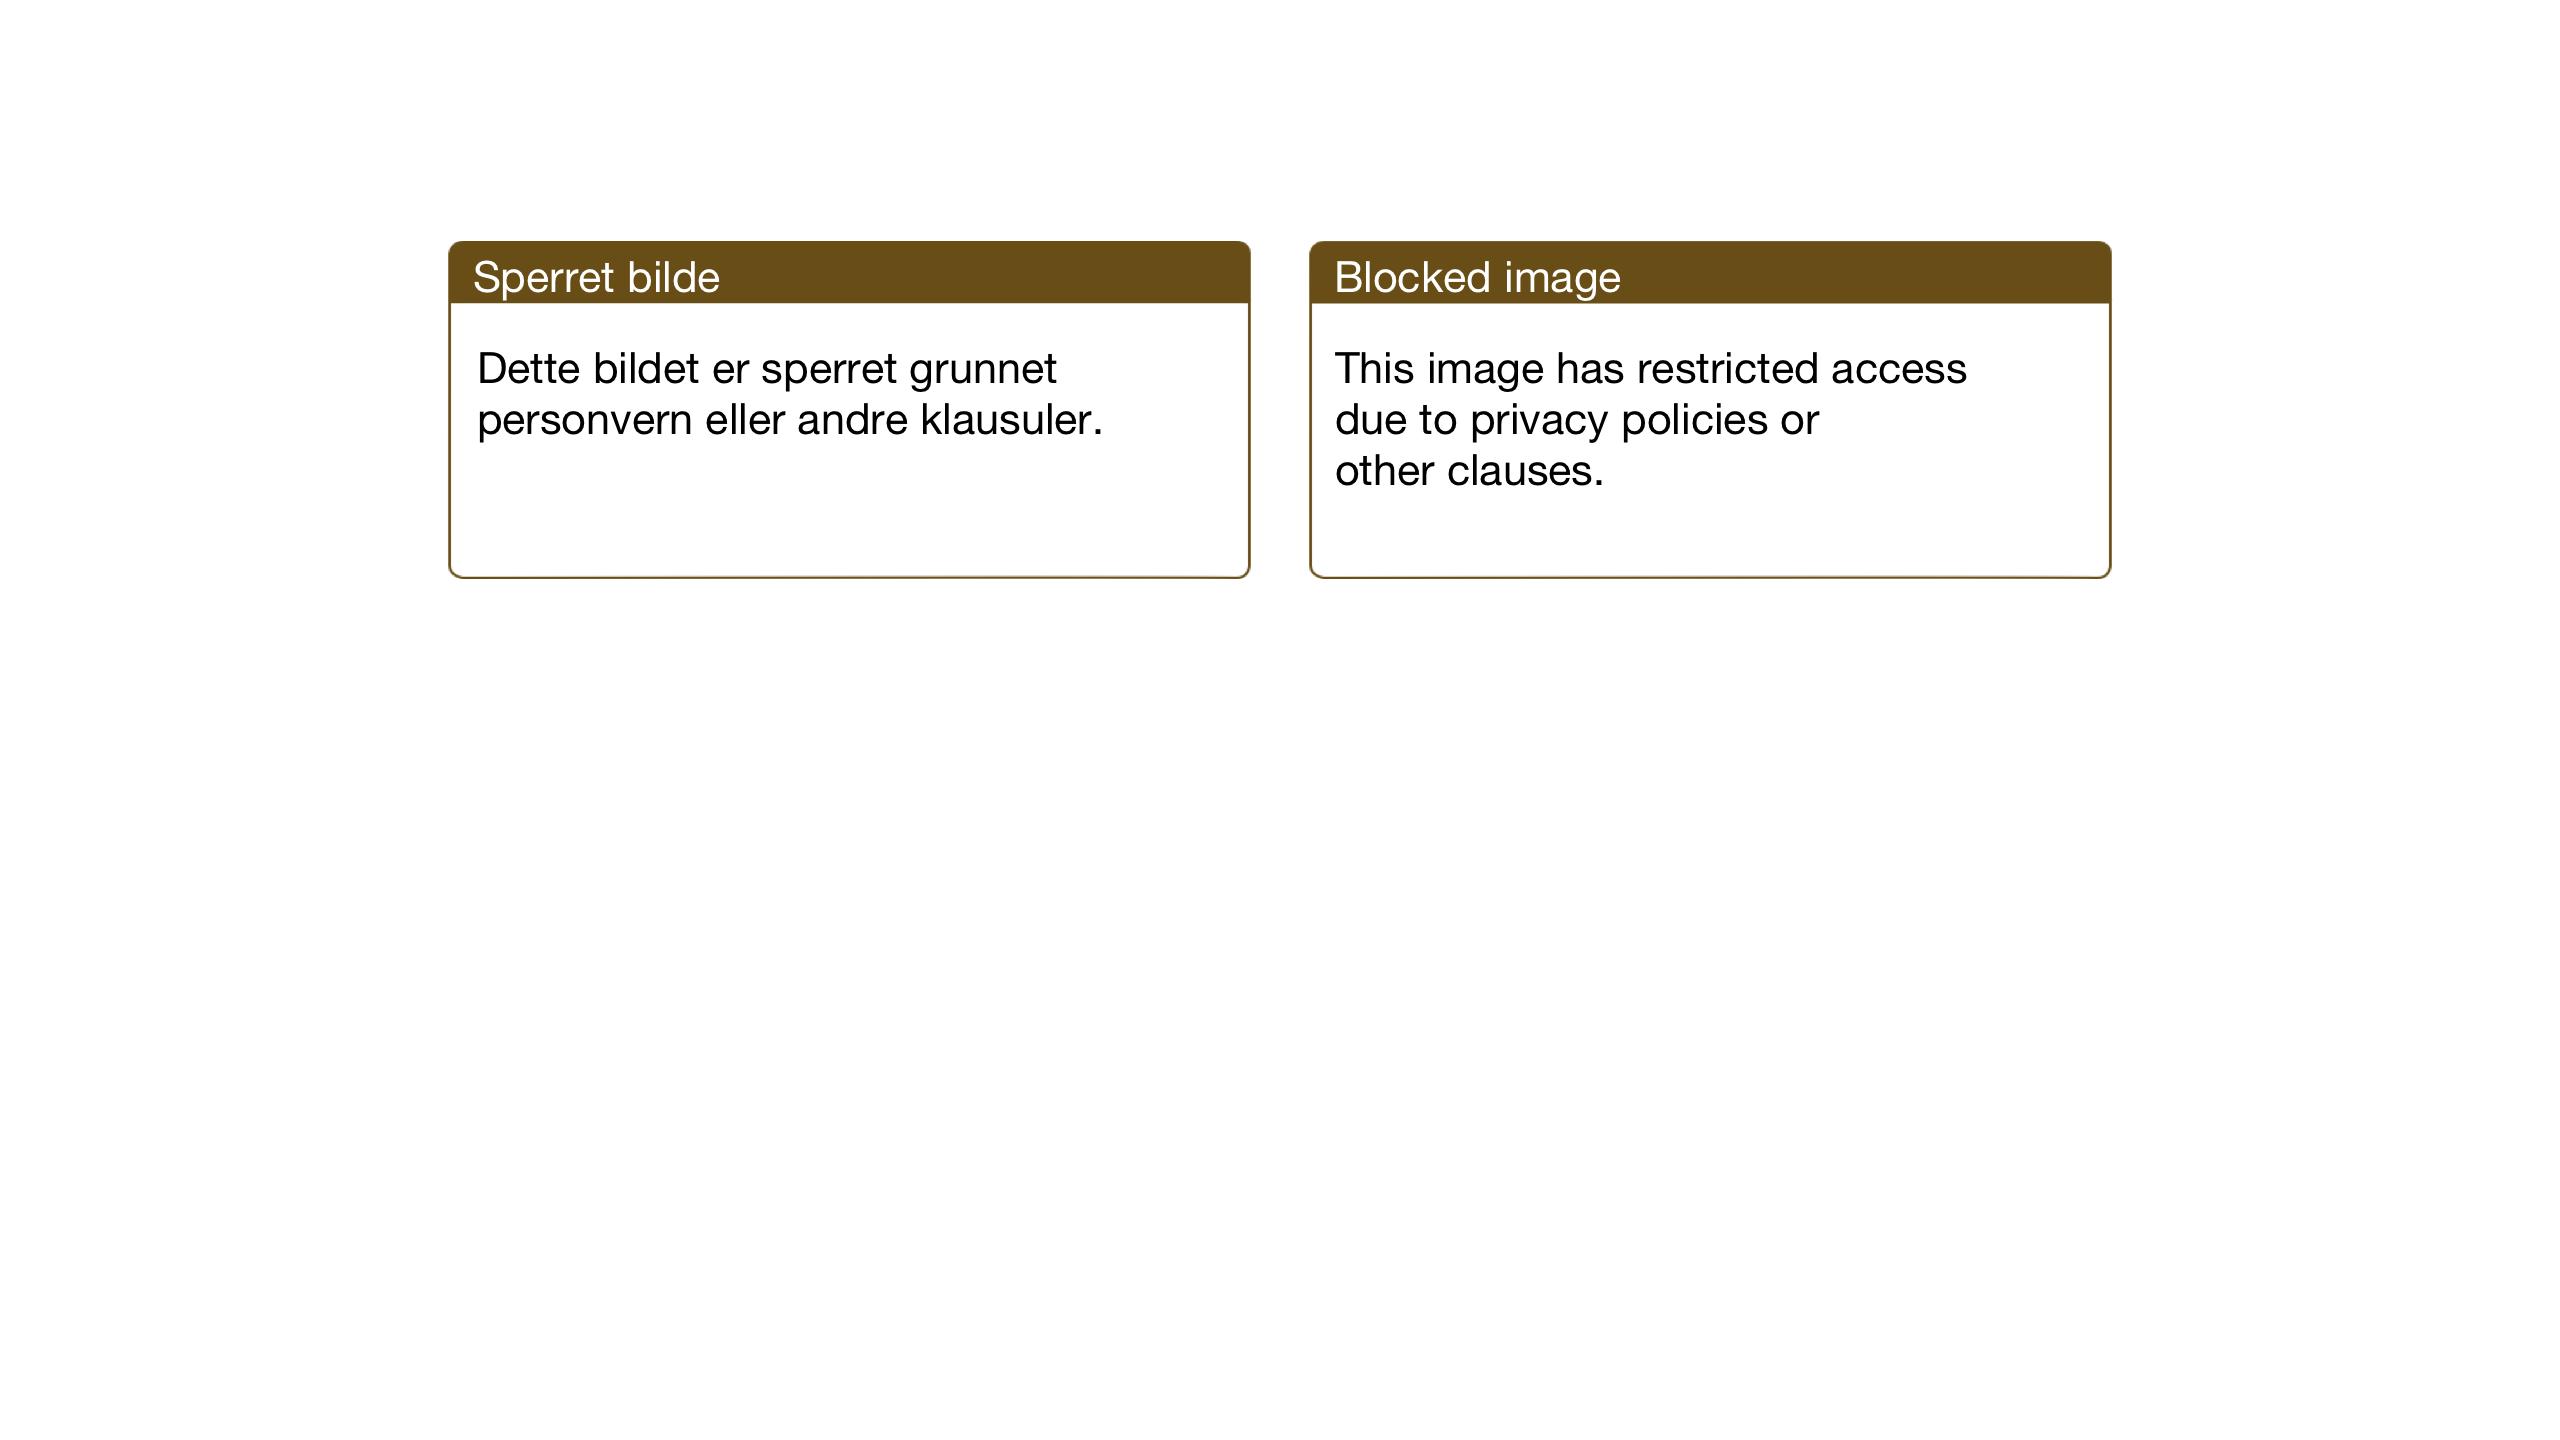 SAT, Ministerialprotokoller, klokkerbøker og fødselsregistre - Nord-Trøndelag, 722/L0227: Klokkerbok nr. 722C03, 1928-1958, s. 15